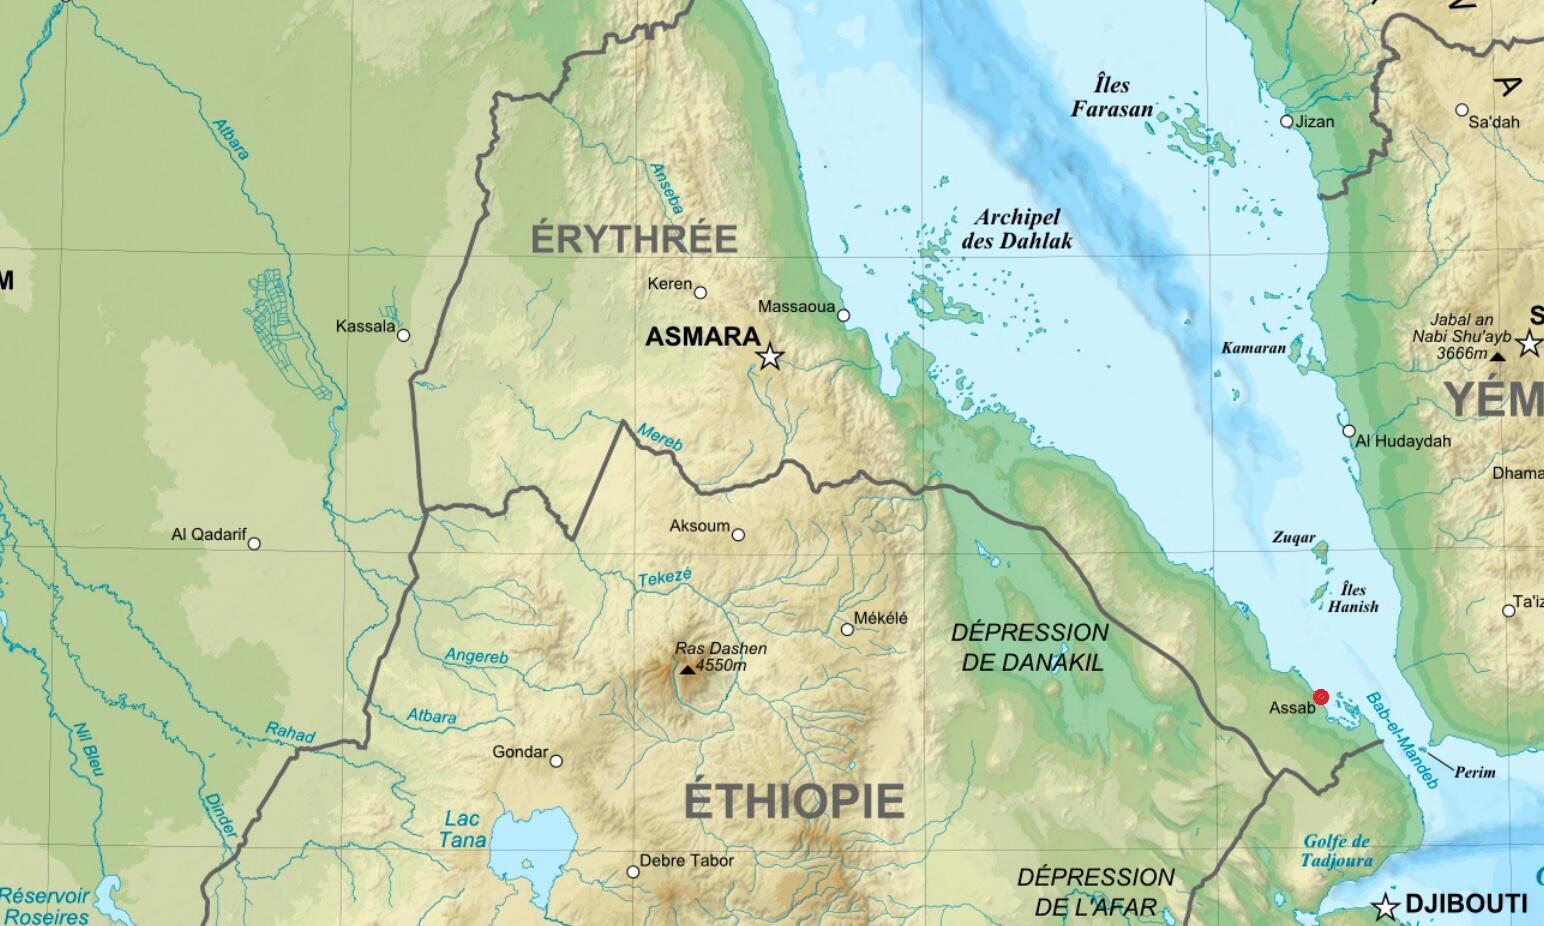 L'Erythrée loue depuis l'année dernière une base aéronavale aux Emirats et à l'Arabie saoudite dans le port d'Assab.